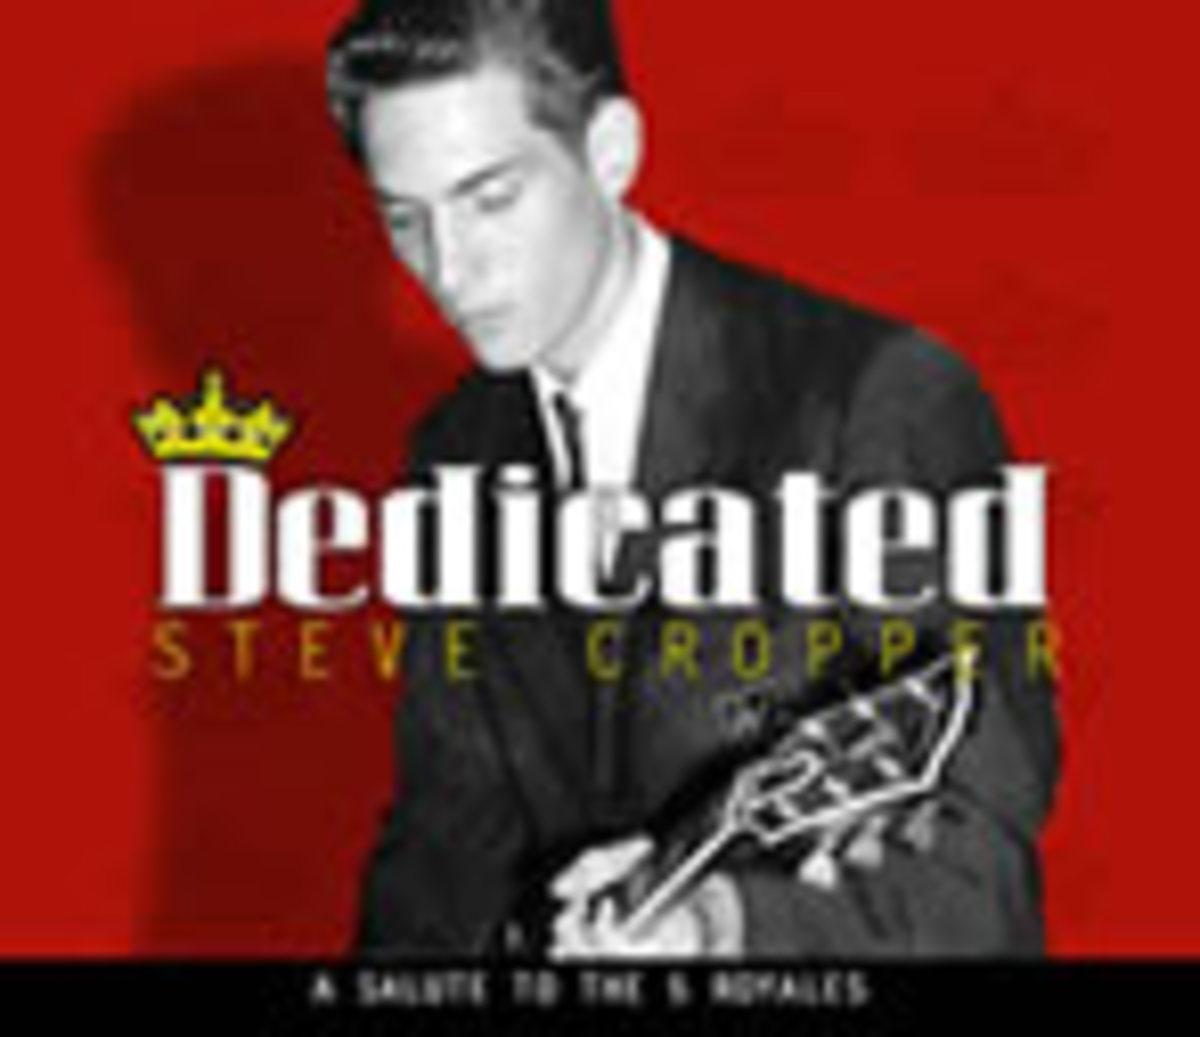 Steve Cropper_Dedicated